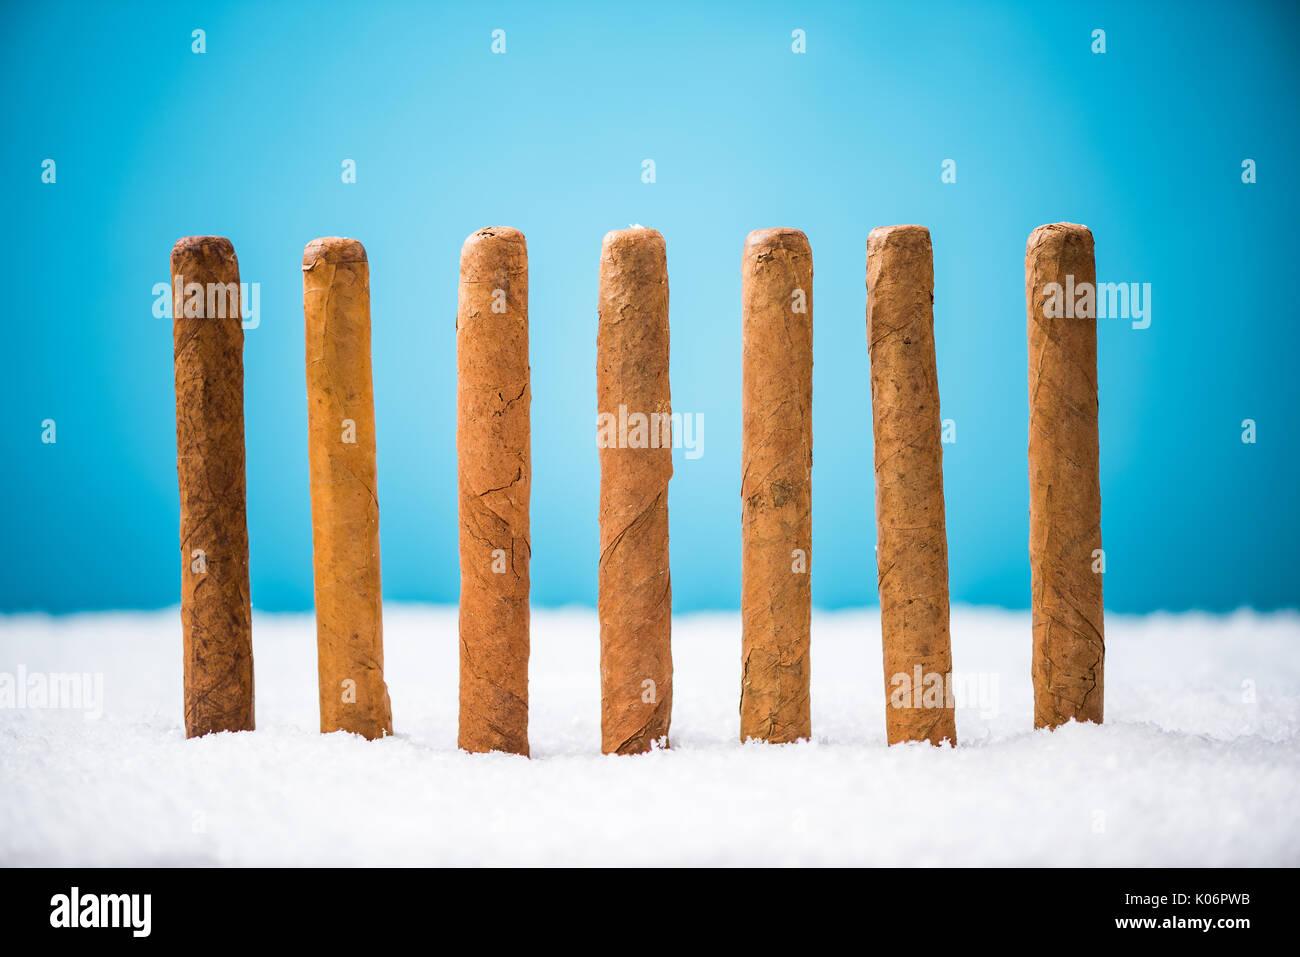 Kubanische Zigarren im Schnee, Weihnachten gif Idee Stockfoto, Bild ...